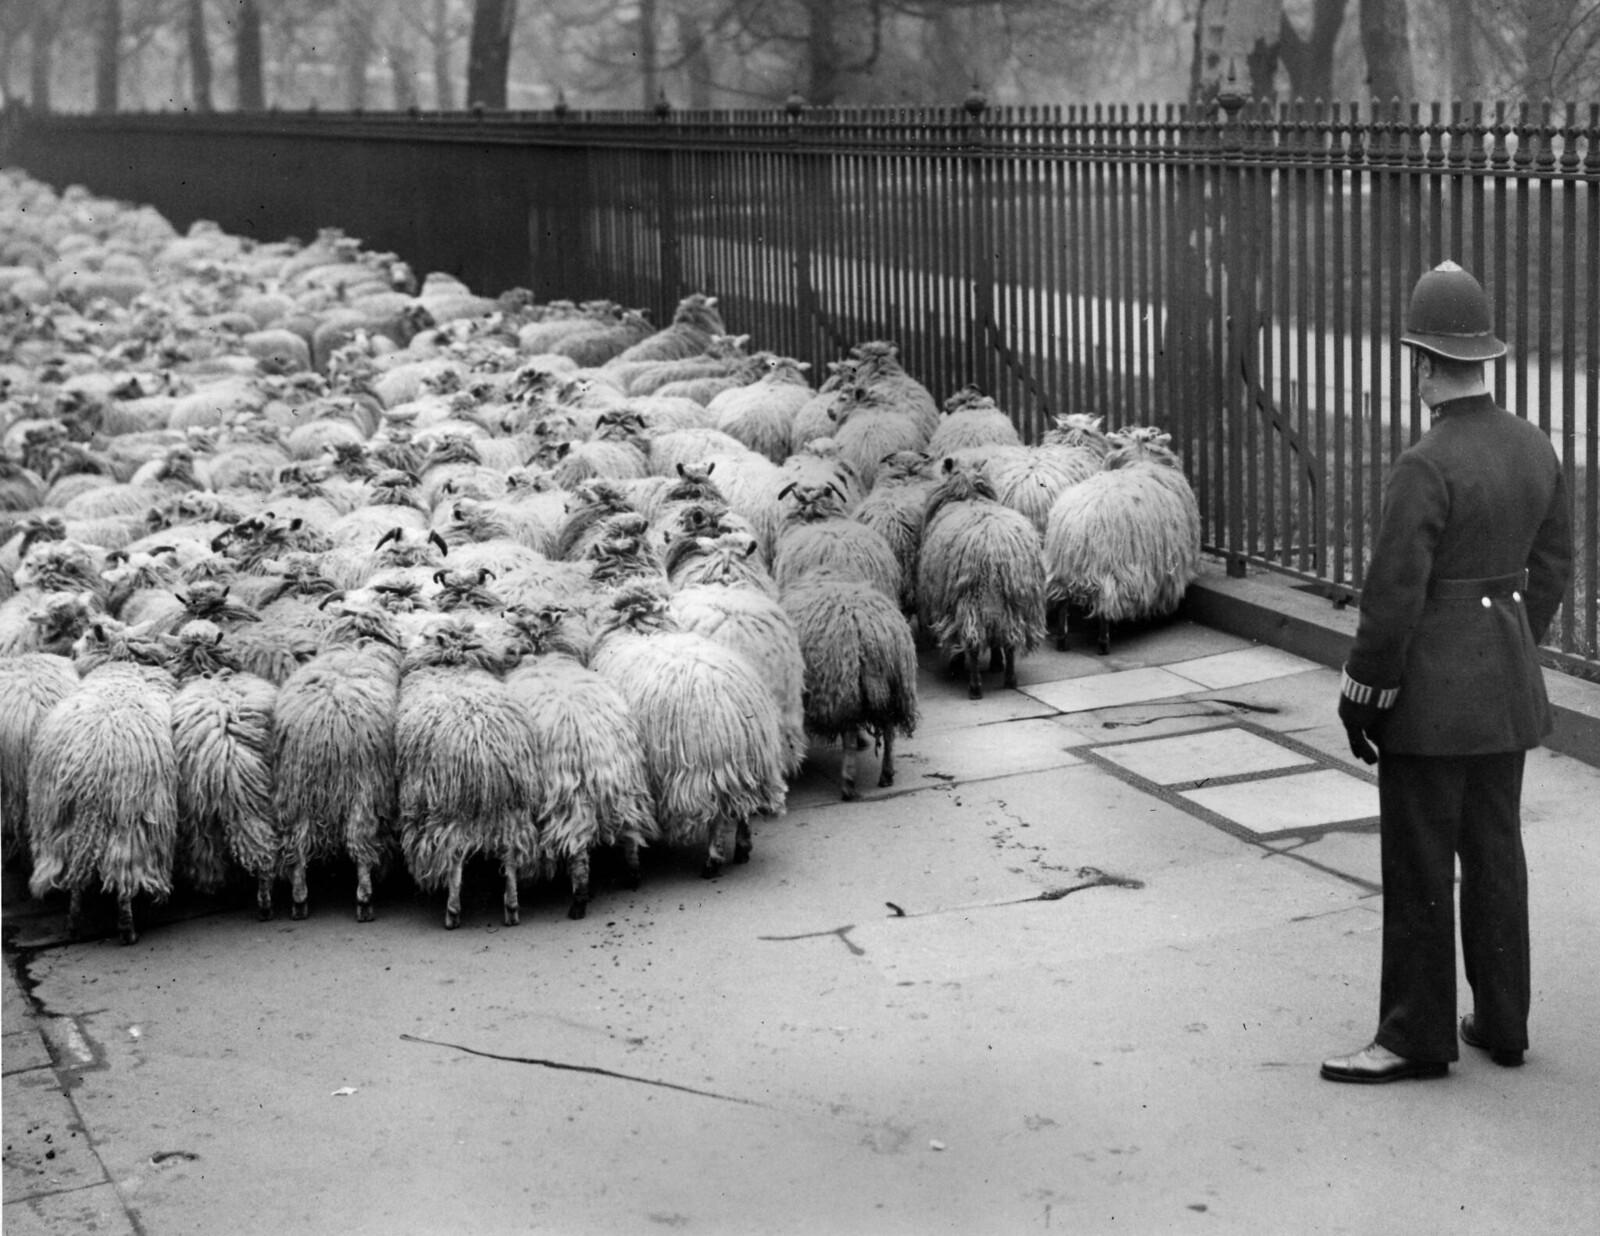 13 апреля. Полицейский наблюдает на улице за стадом овец, которых переводят из Гайд-парка в Грин-парк в Лондоне.